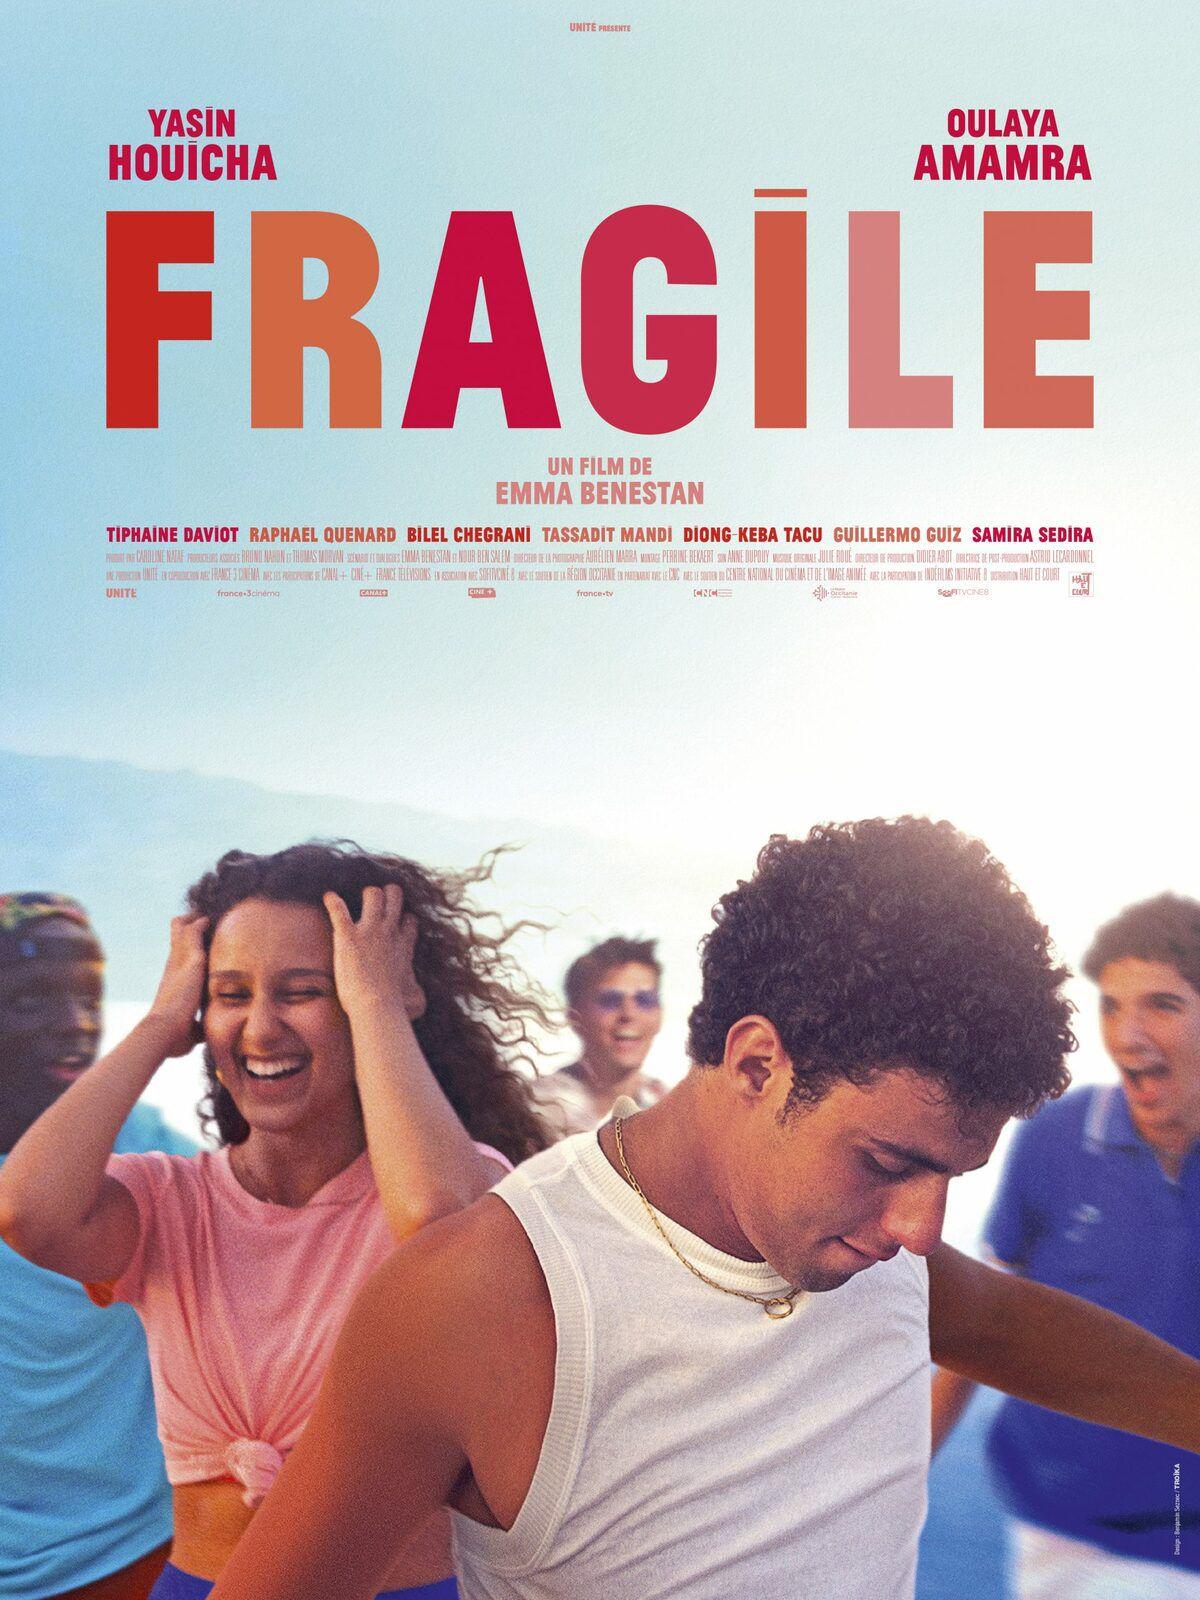 Fragile (BANDE-ANNONCE) avec Yasin Houicha, Oulaya Amamra, Raphaël Quenard - Le 25 août 2021 au cinéma